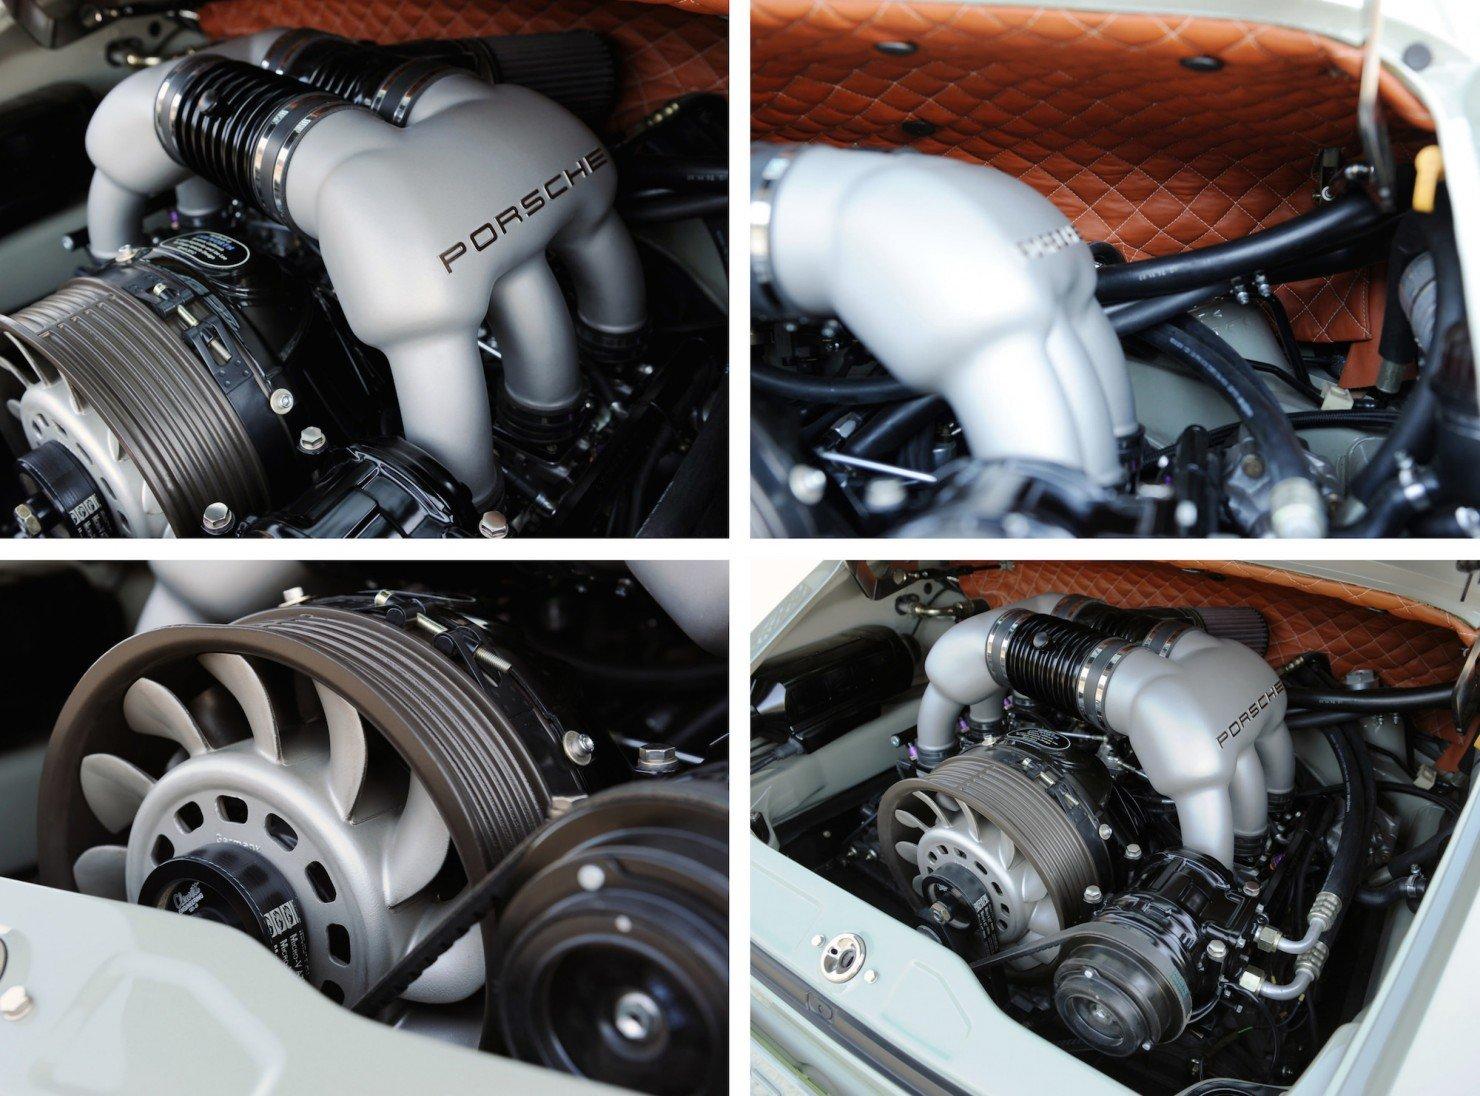 Singer_Porsche_911_Engine